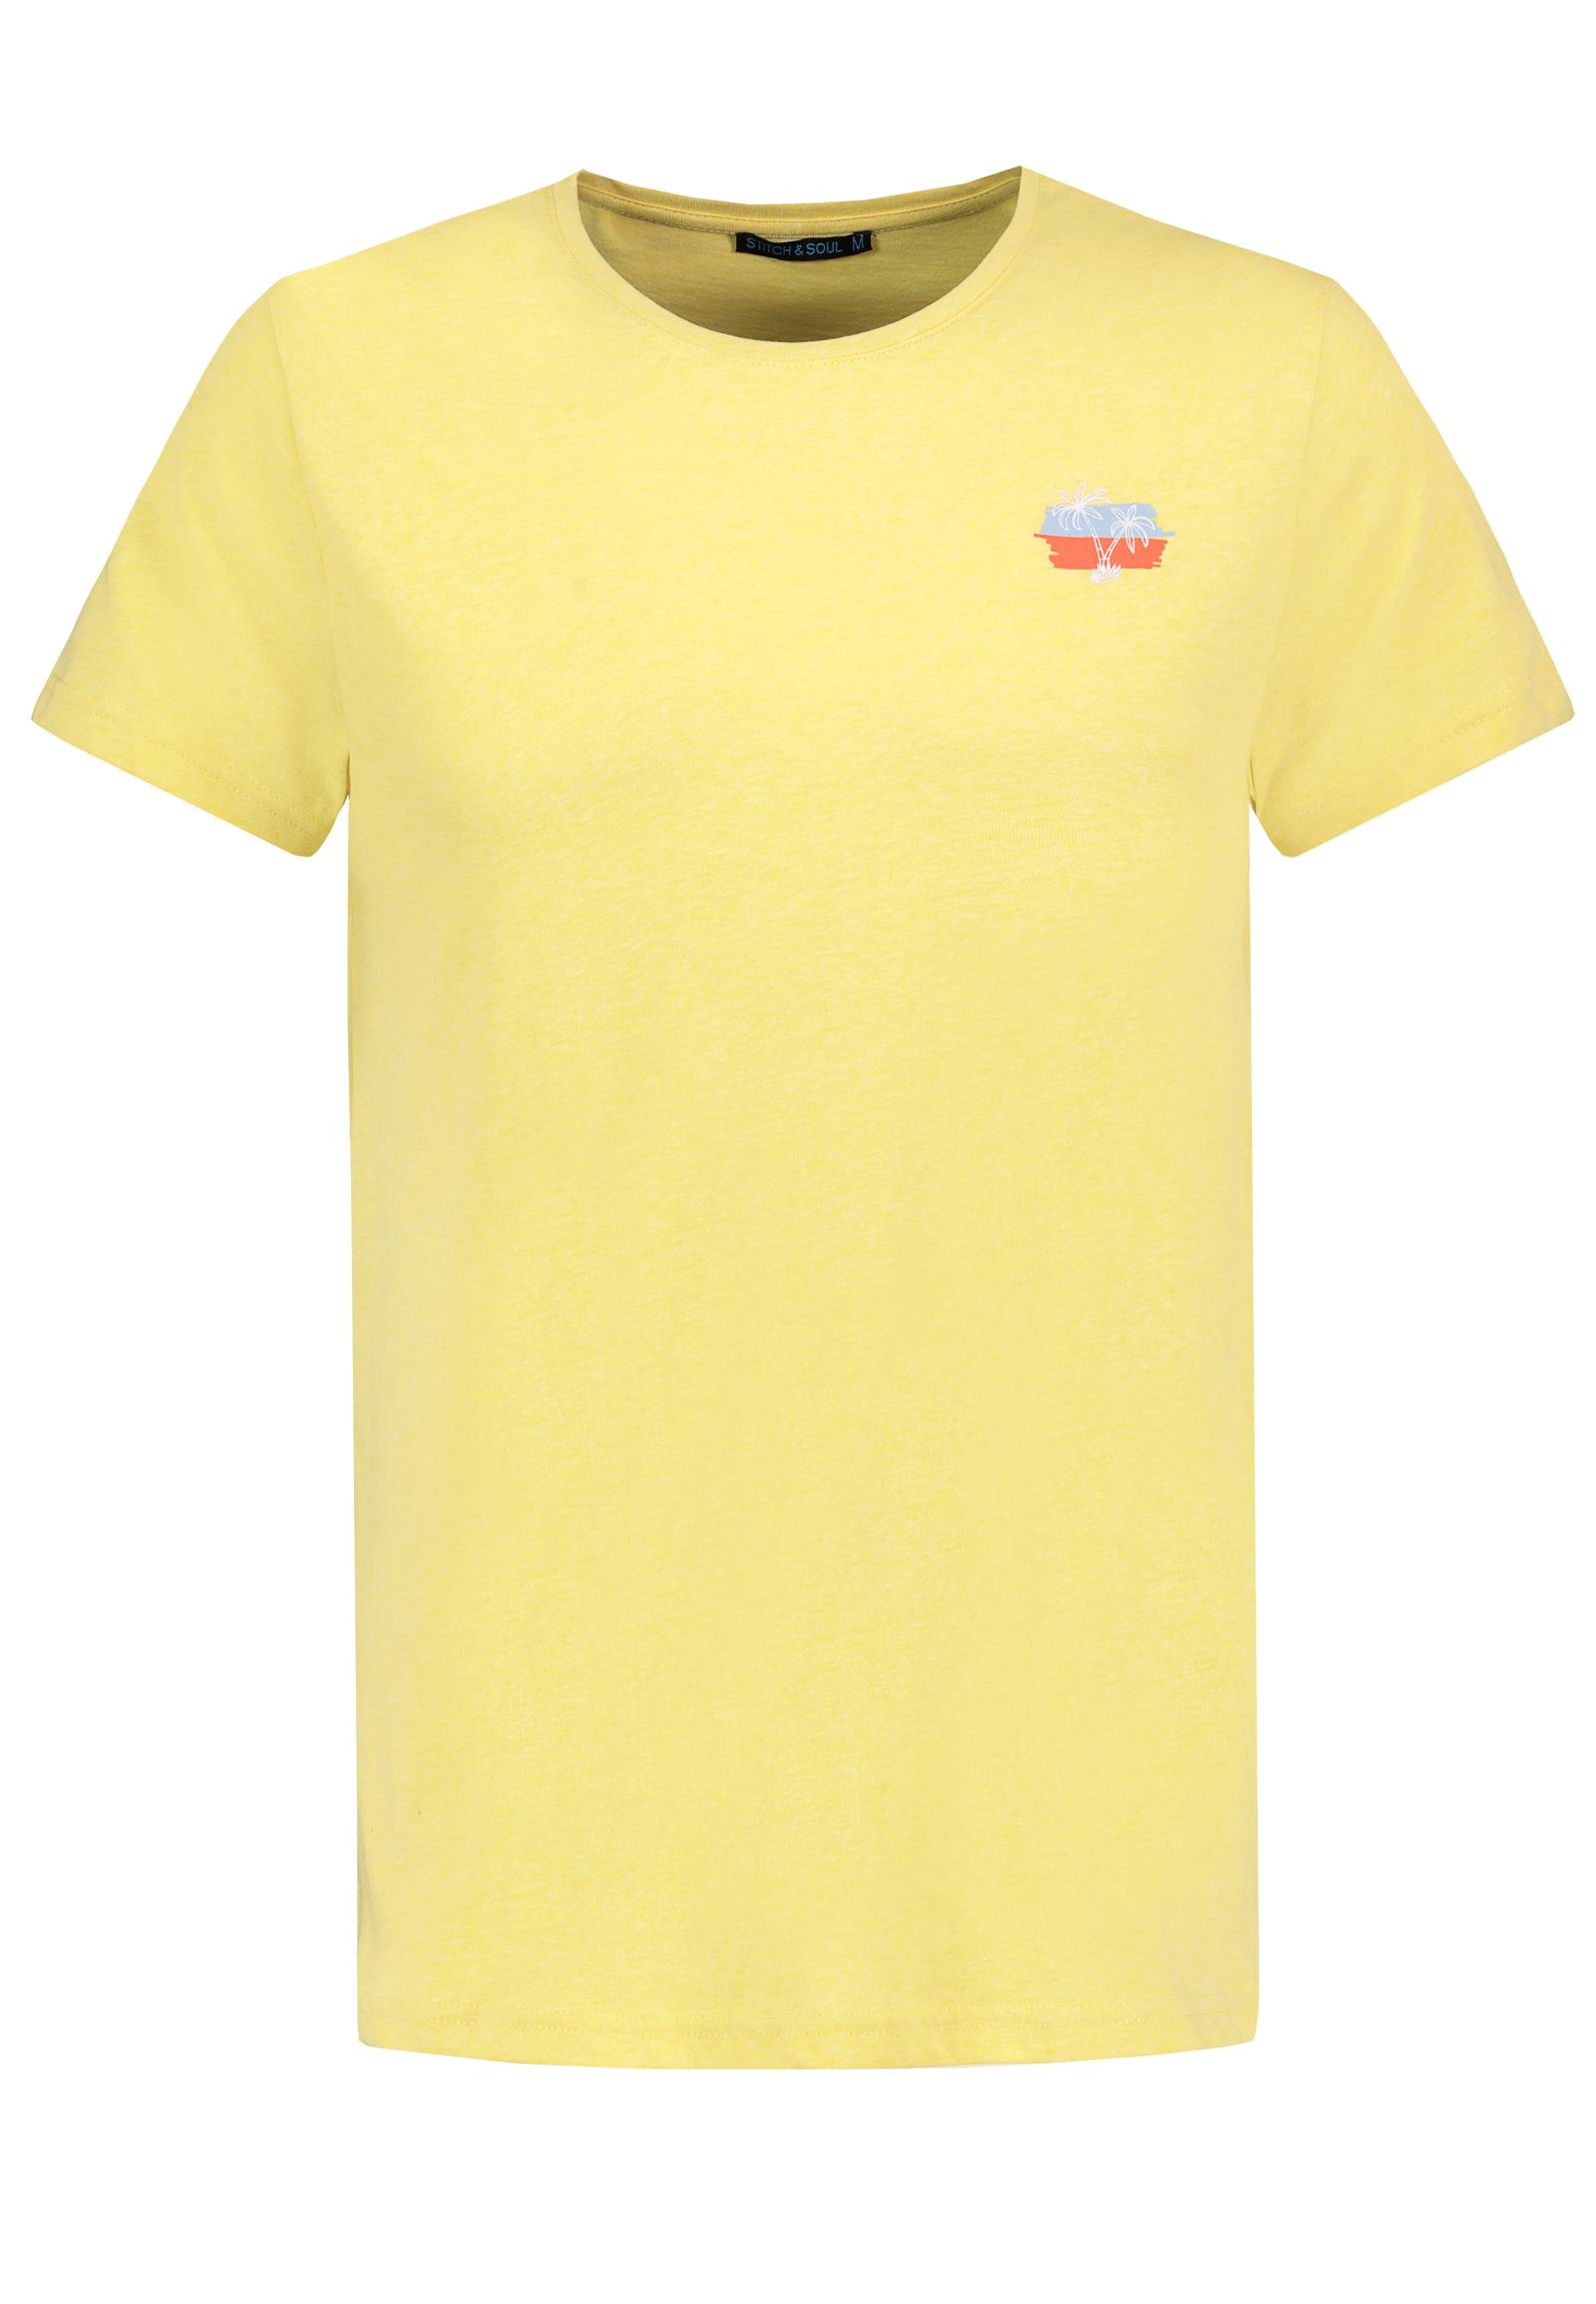 stitch & soul - Shirt mit Hawaii Miniprint